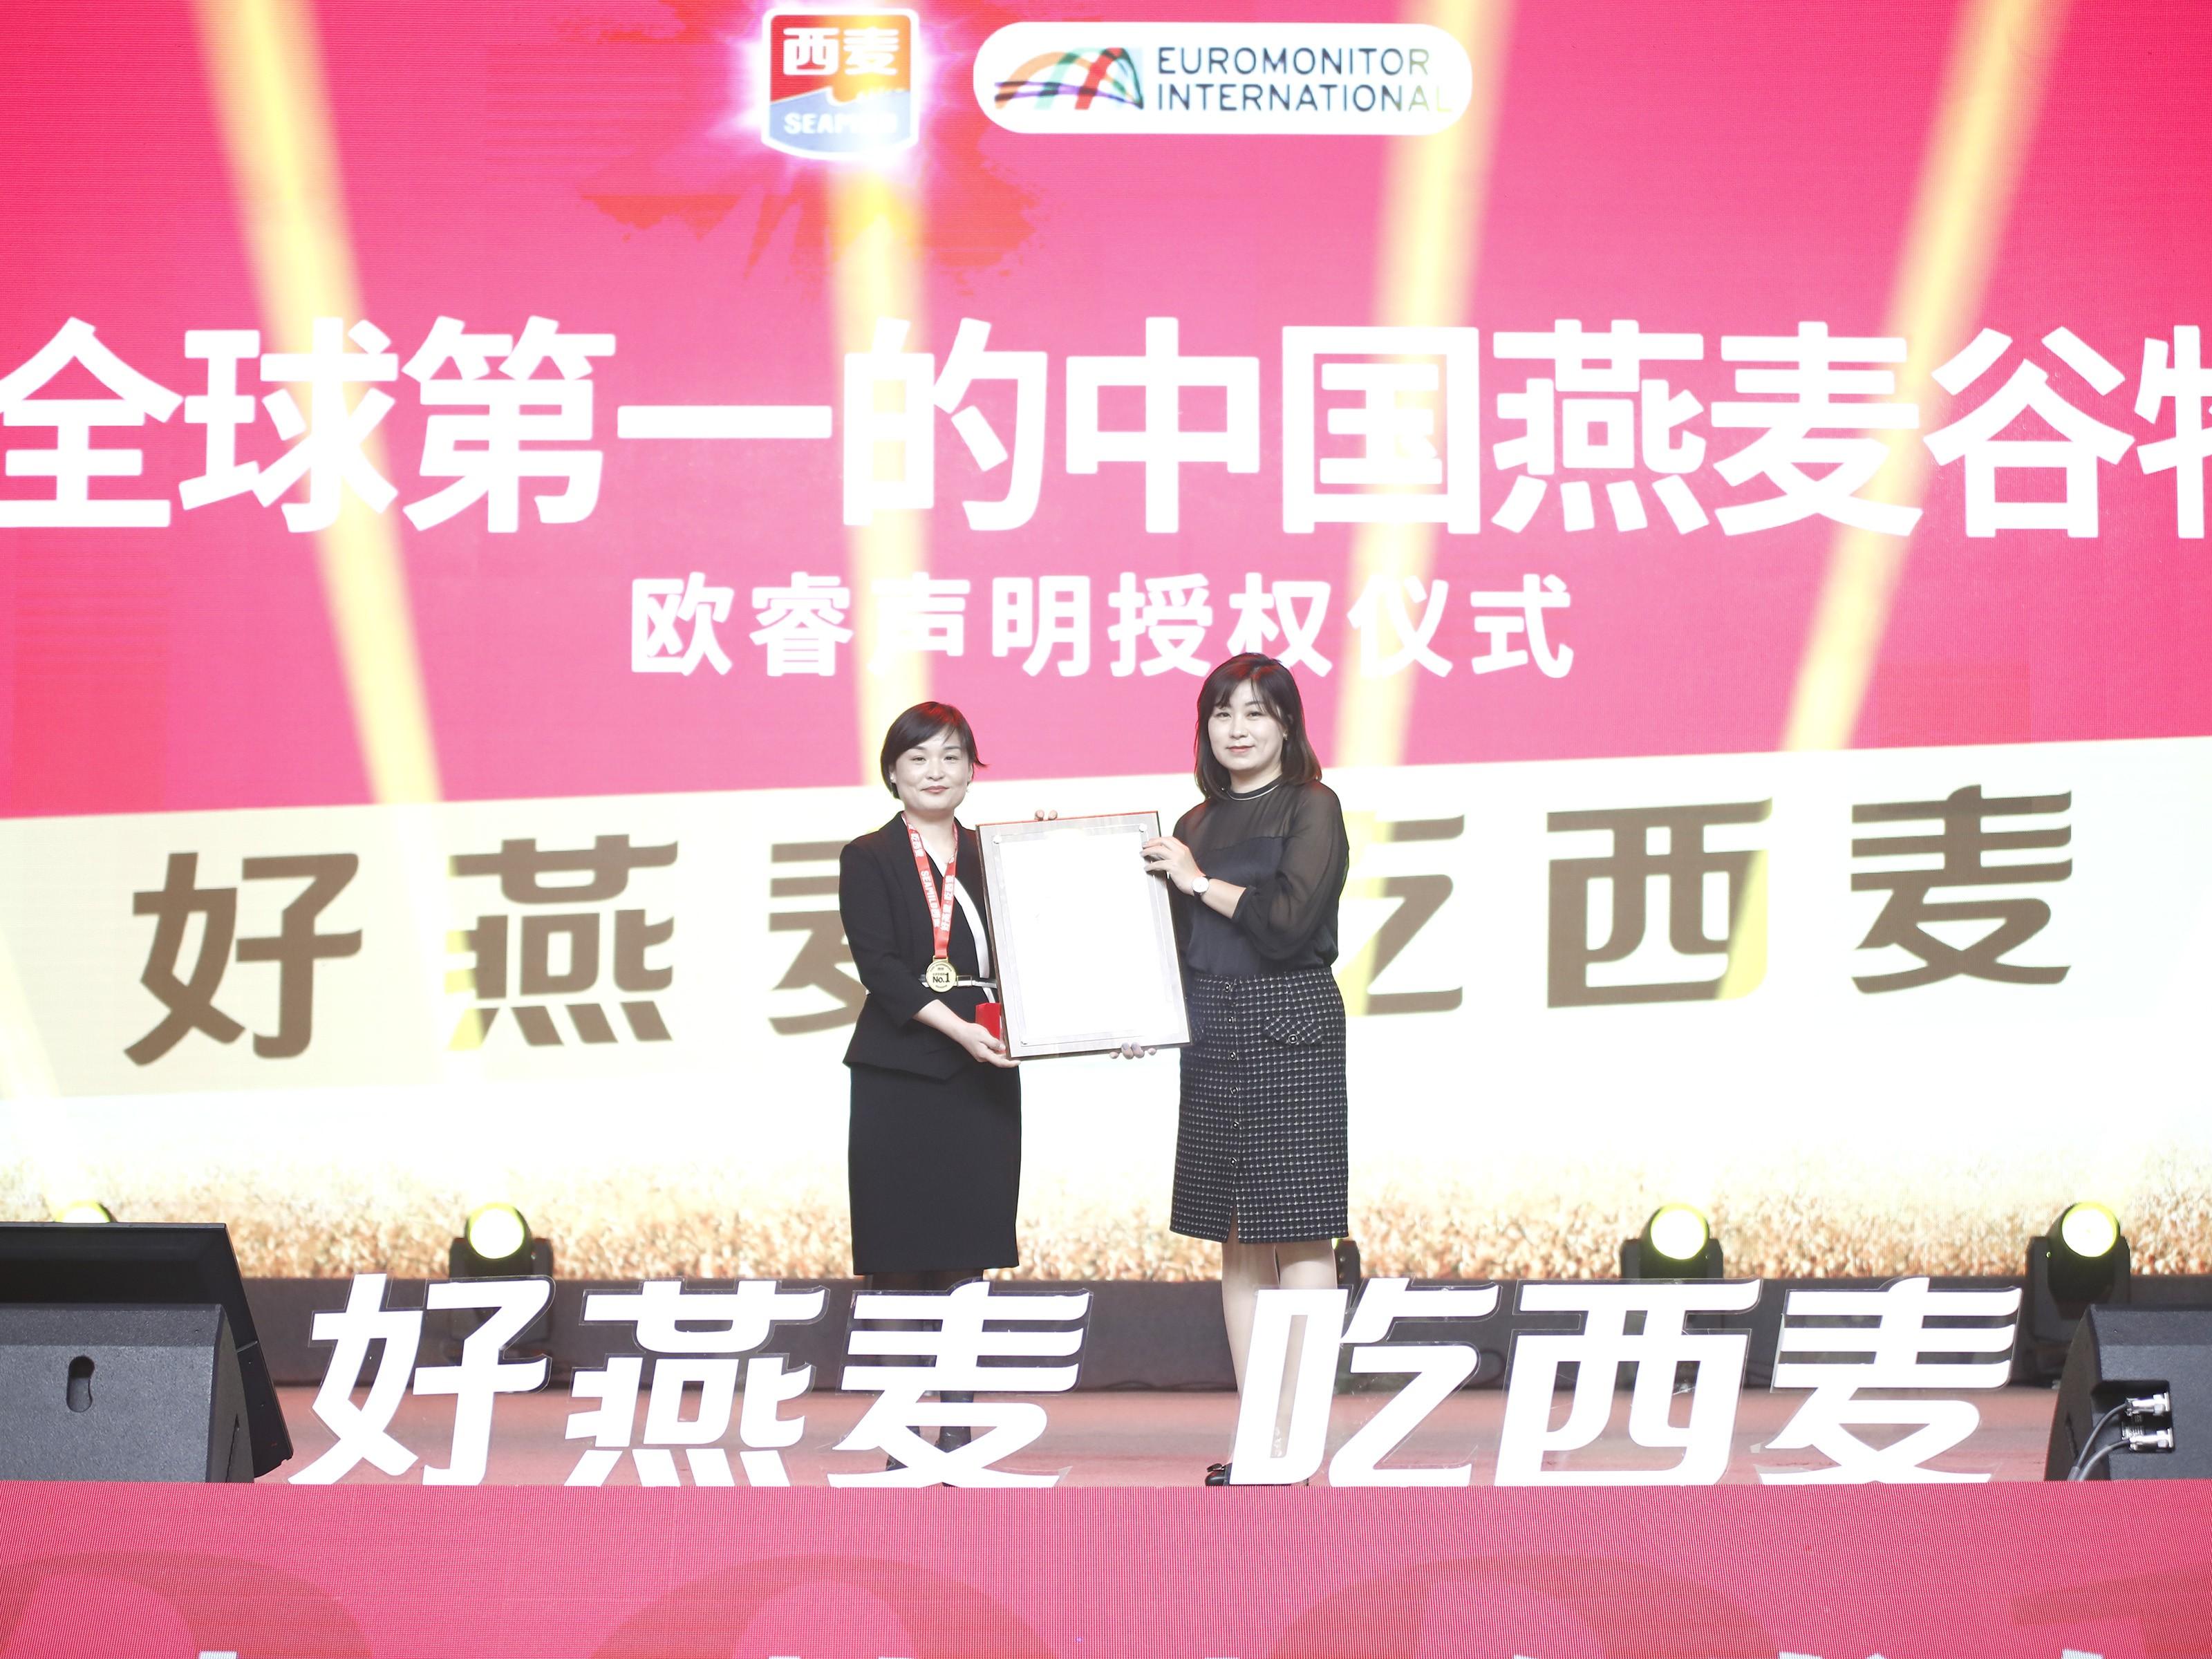 全球第一的中国燕麦谷物品牌原来是它!西麦才是国货之光